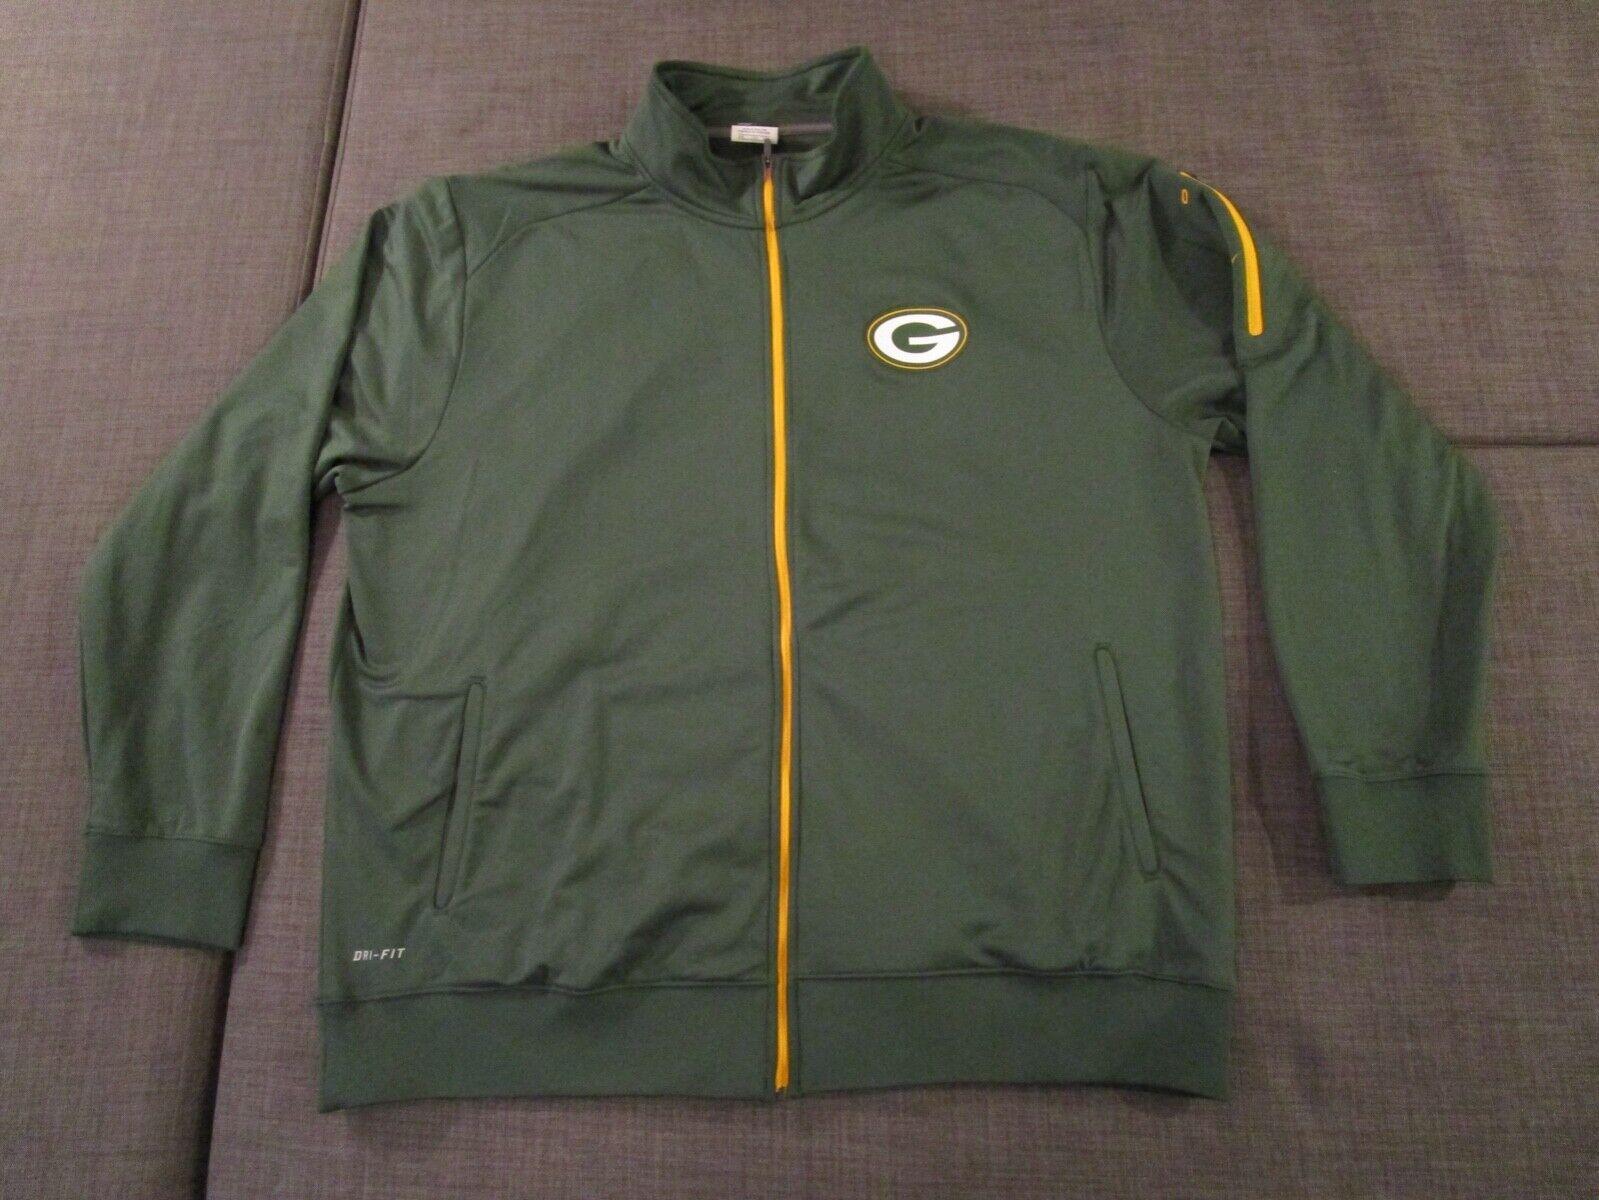 Nike OnField Dri Fit Green Bay Packers Full Zip Track Jacket Green Mens XXL 2XL